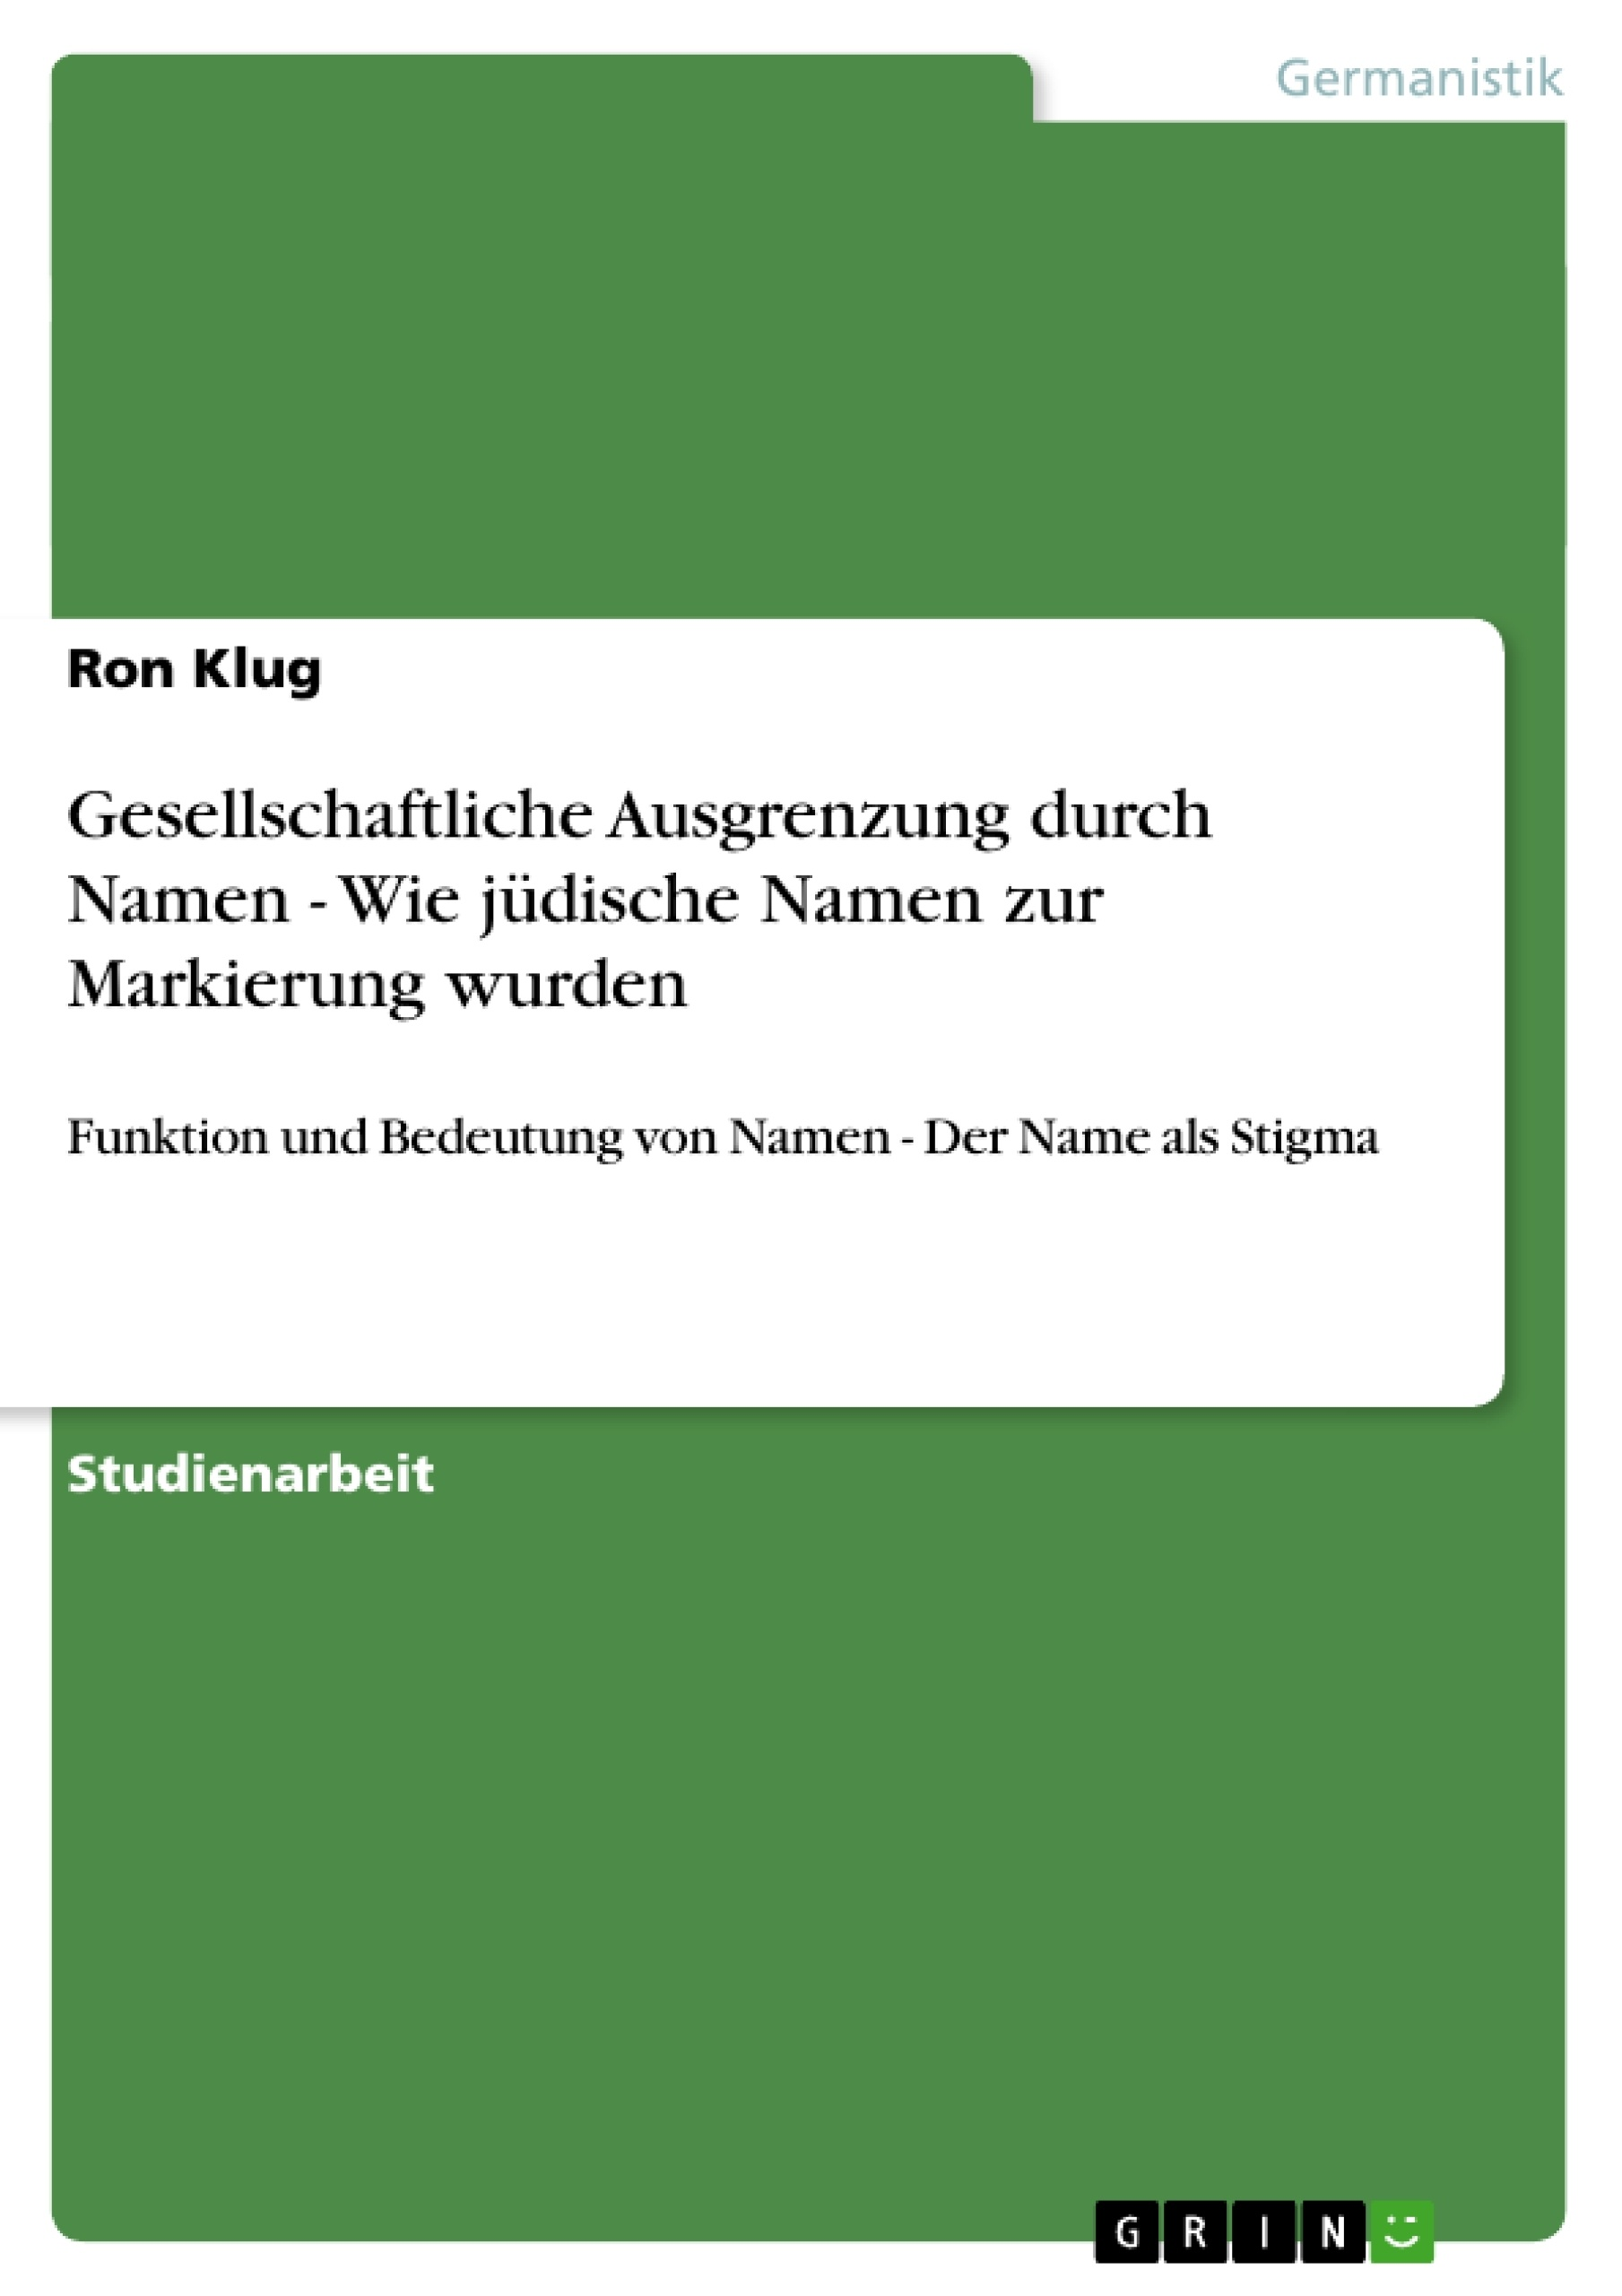 Titel: Gesellschaftliche Ausgrenzung durch Namen - Wie jüdische Namen zur Markierung wurden